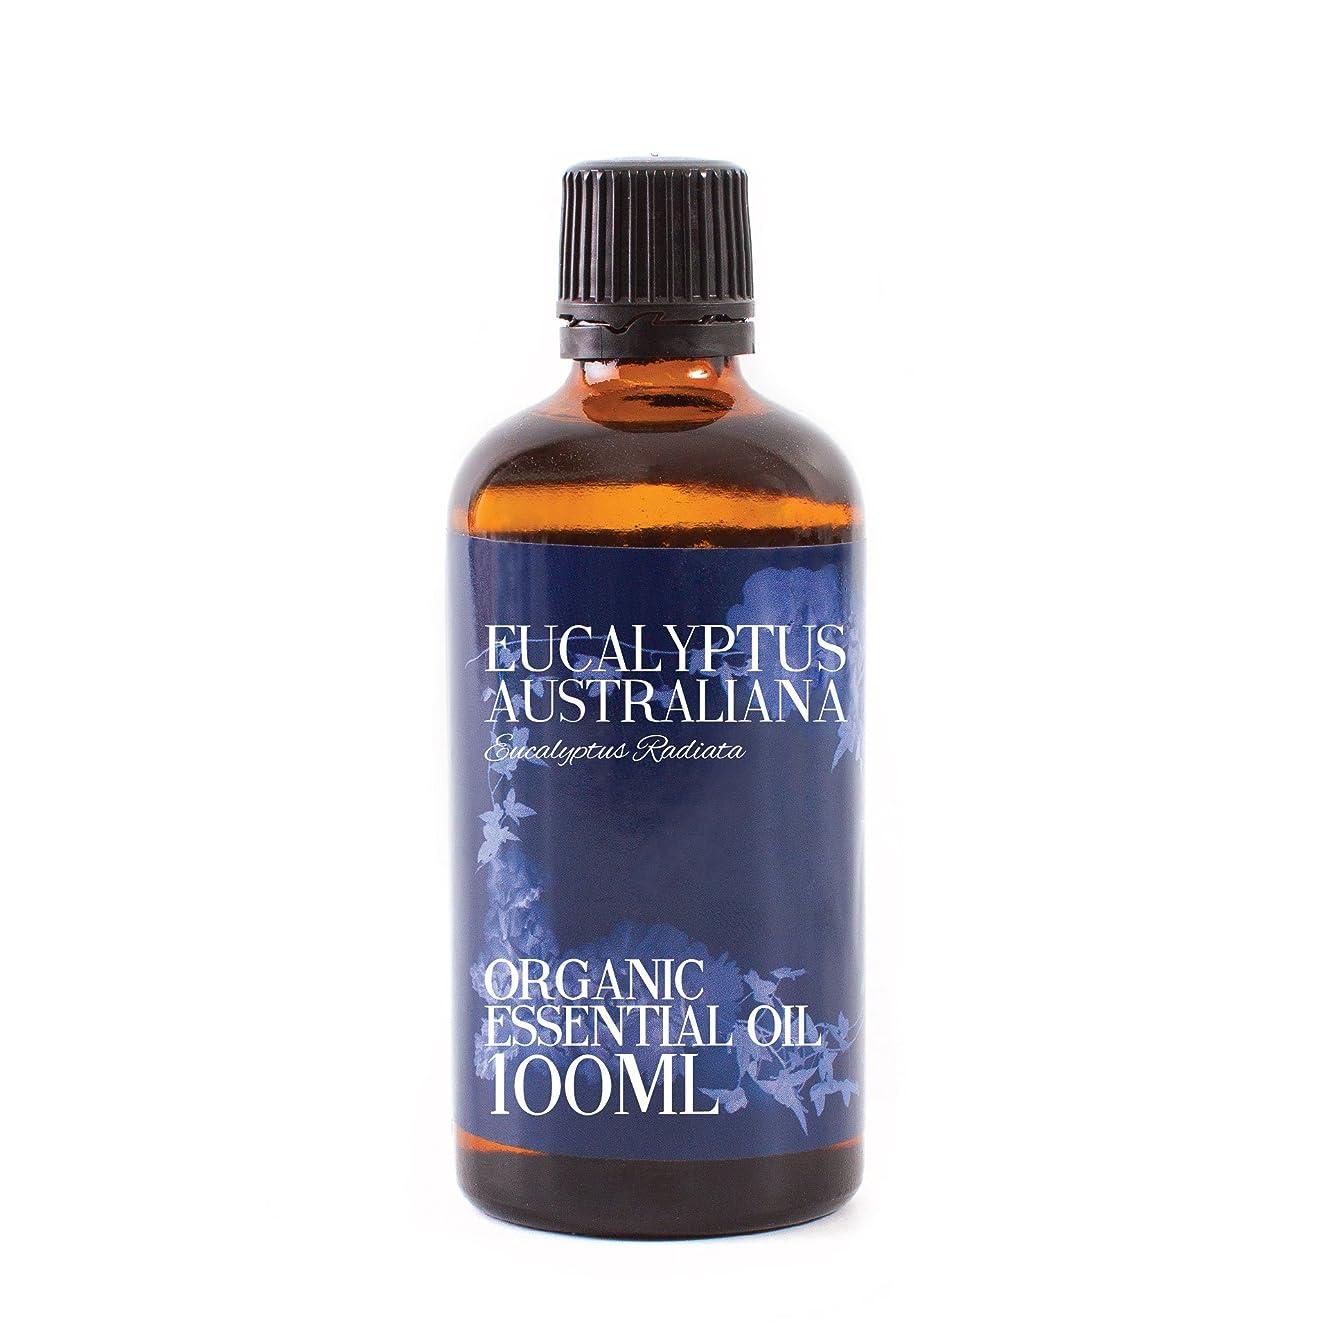 列車クラッチ芸術Mystic Moments   Eucalyptus Australiana (Radiata) Organic Essential Oil - 100ml - 100% Pure